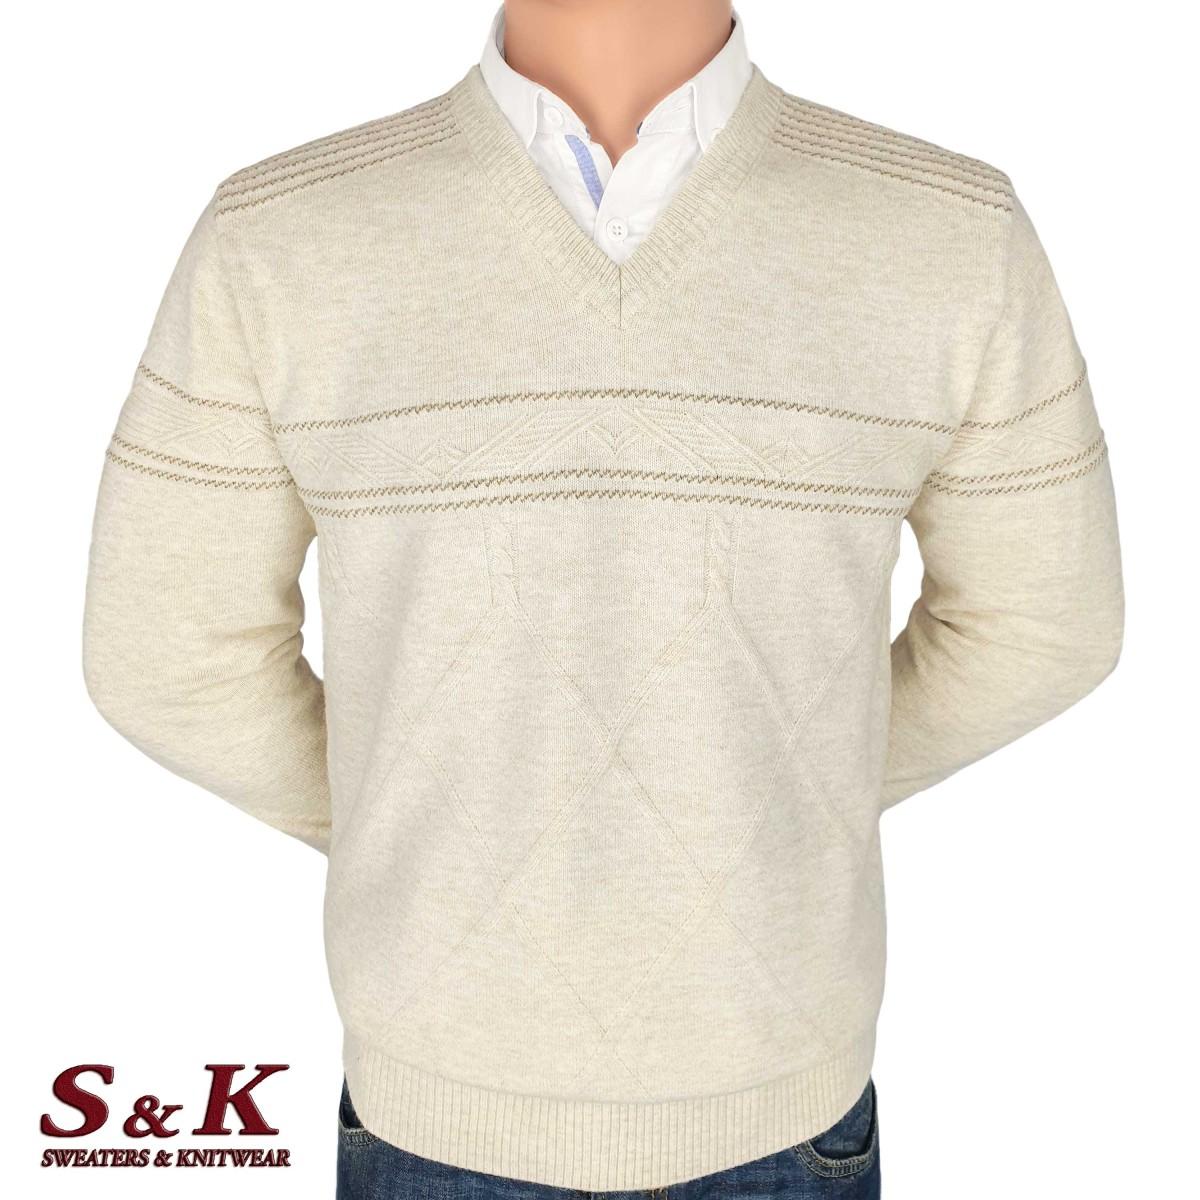 Луксозен мъжки пуловер с остро деколте - 2092-2